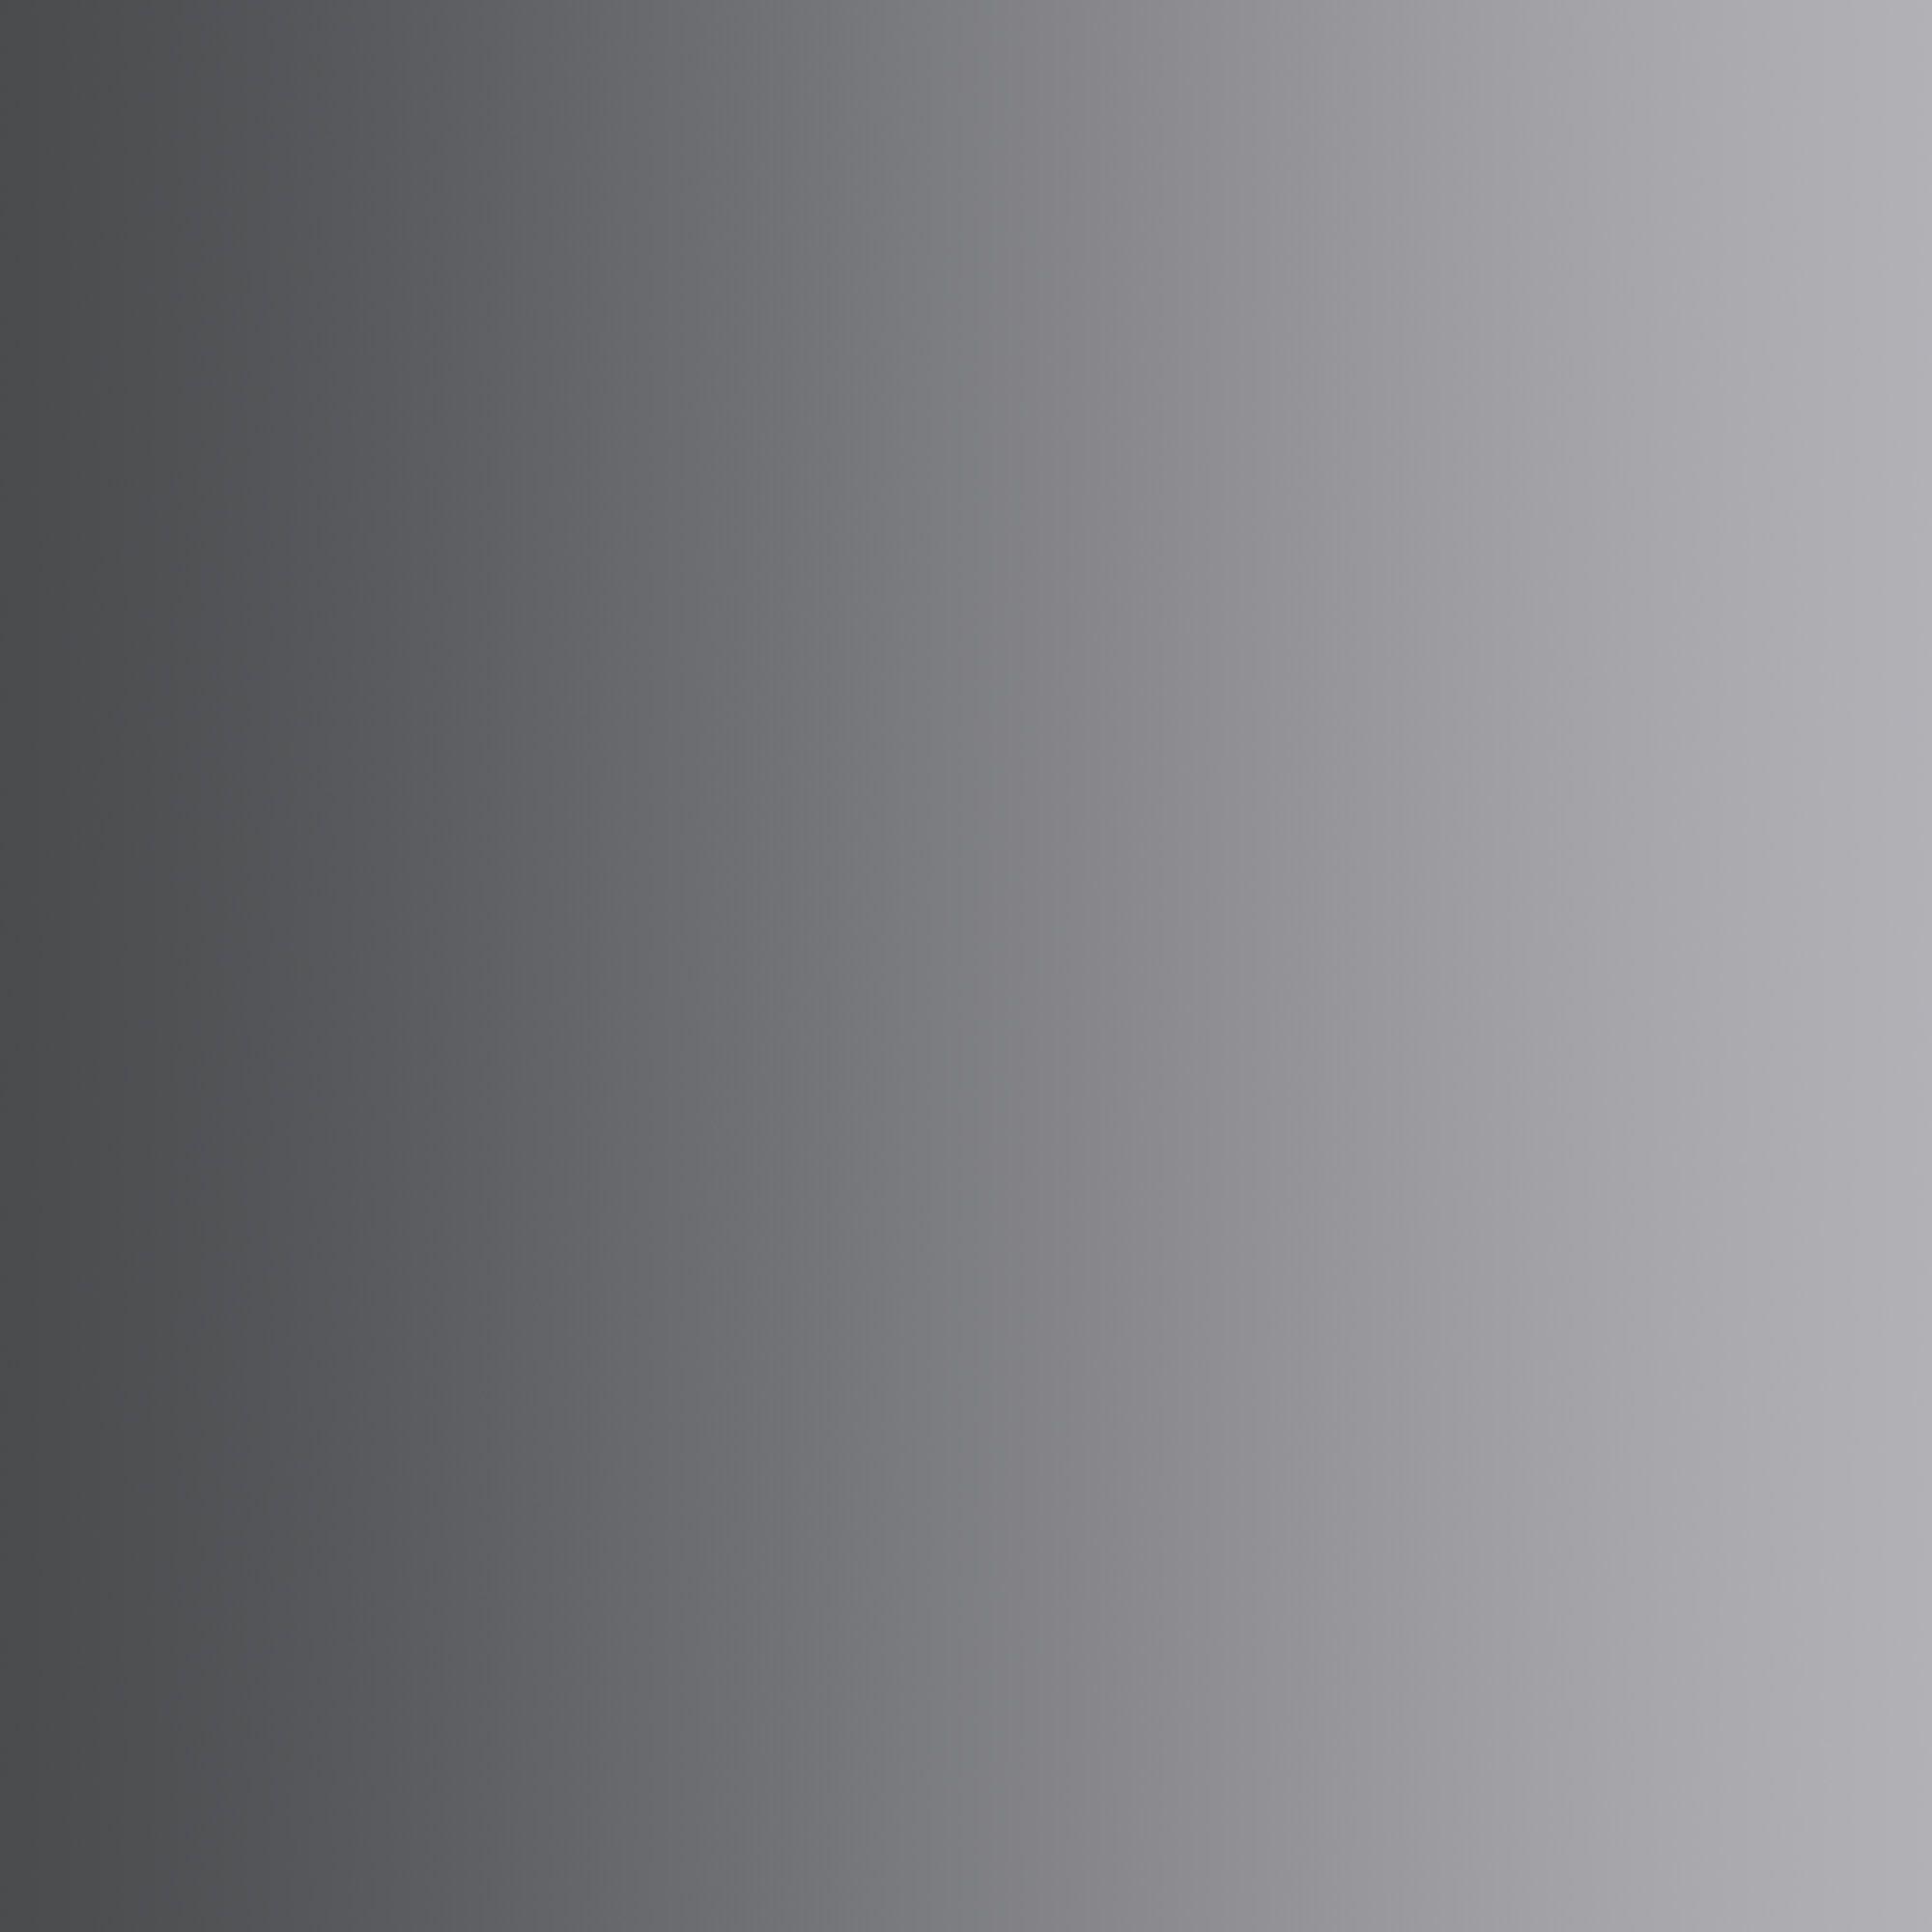 White White Glass Effect Stainless Steel Splashback